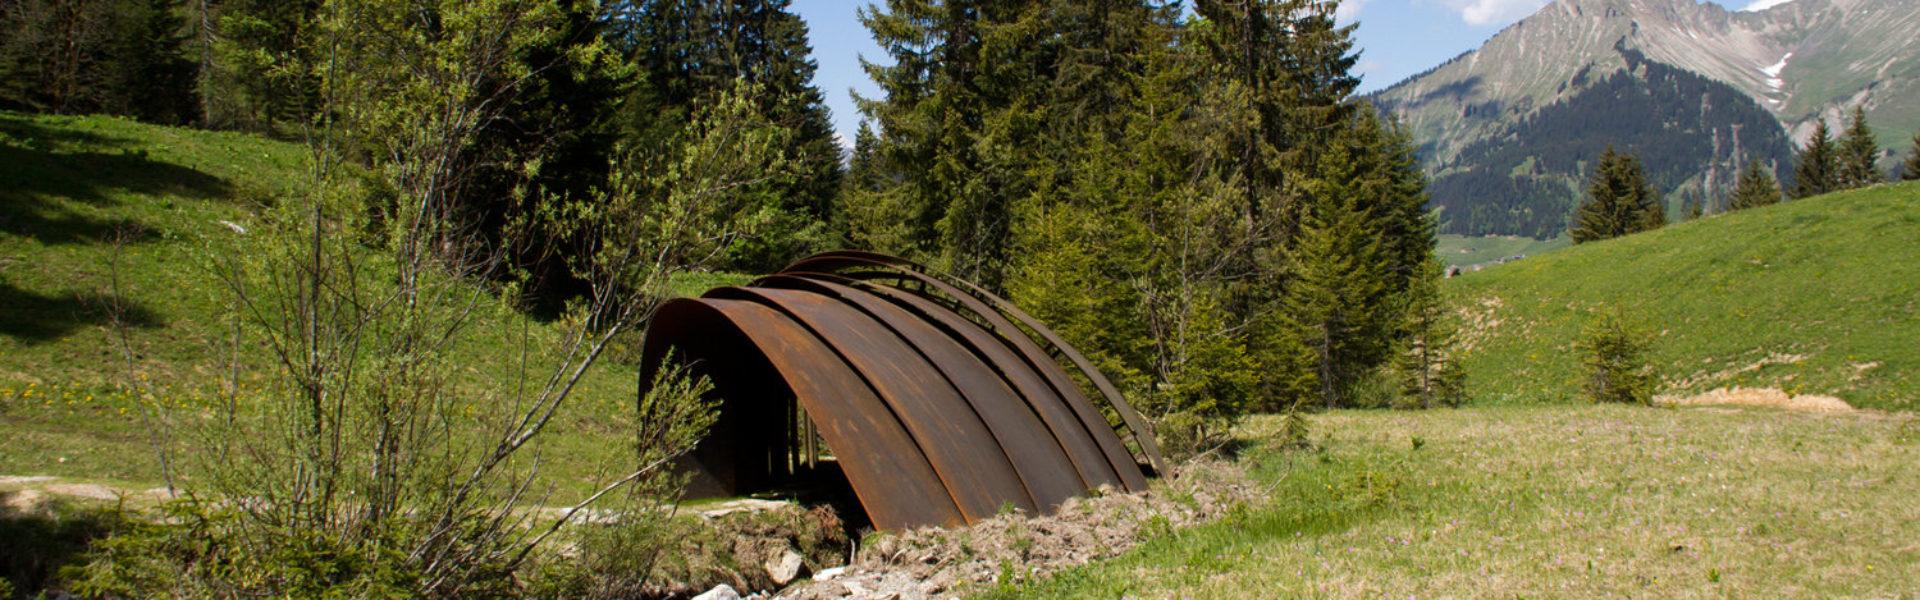 Klangraum.Stein © ©Alpenregion Bludenz Tourismus GmbH